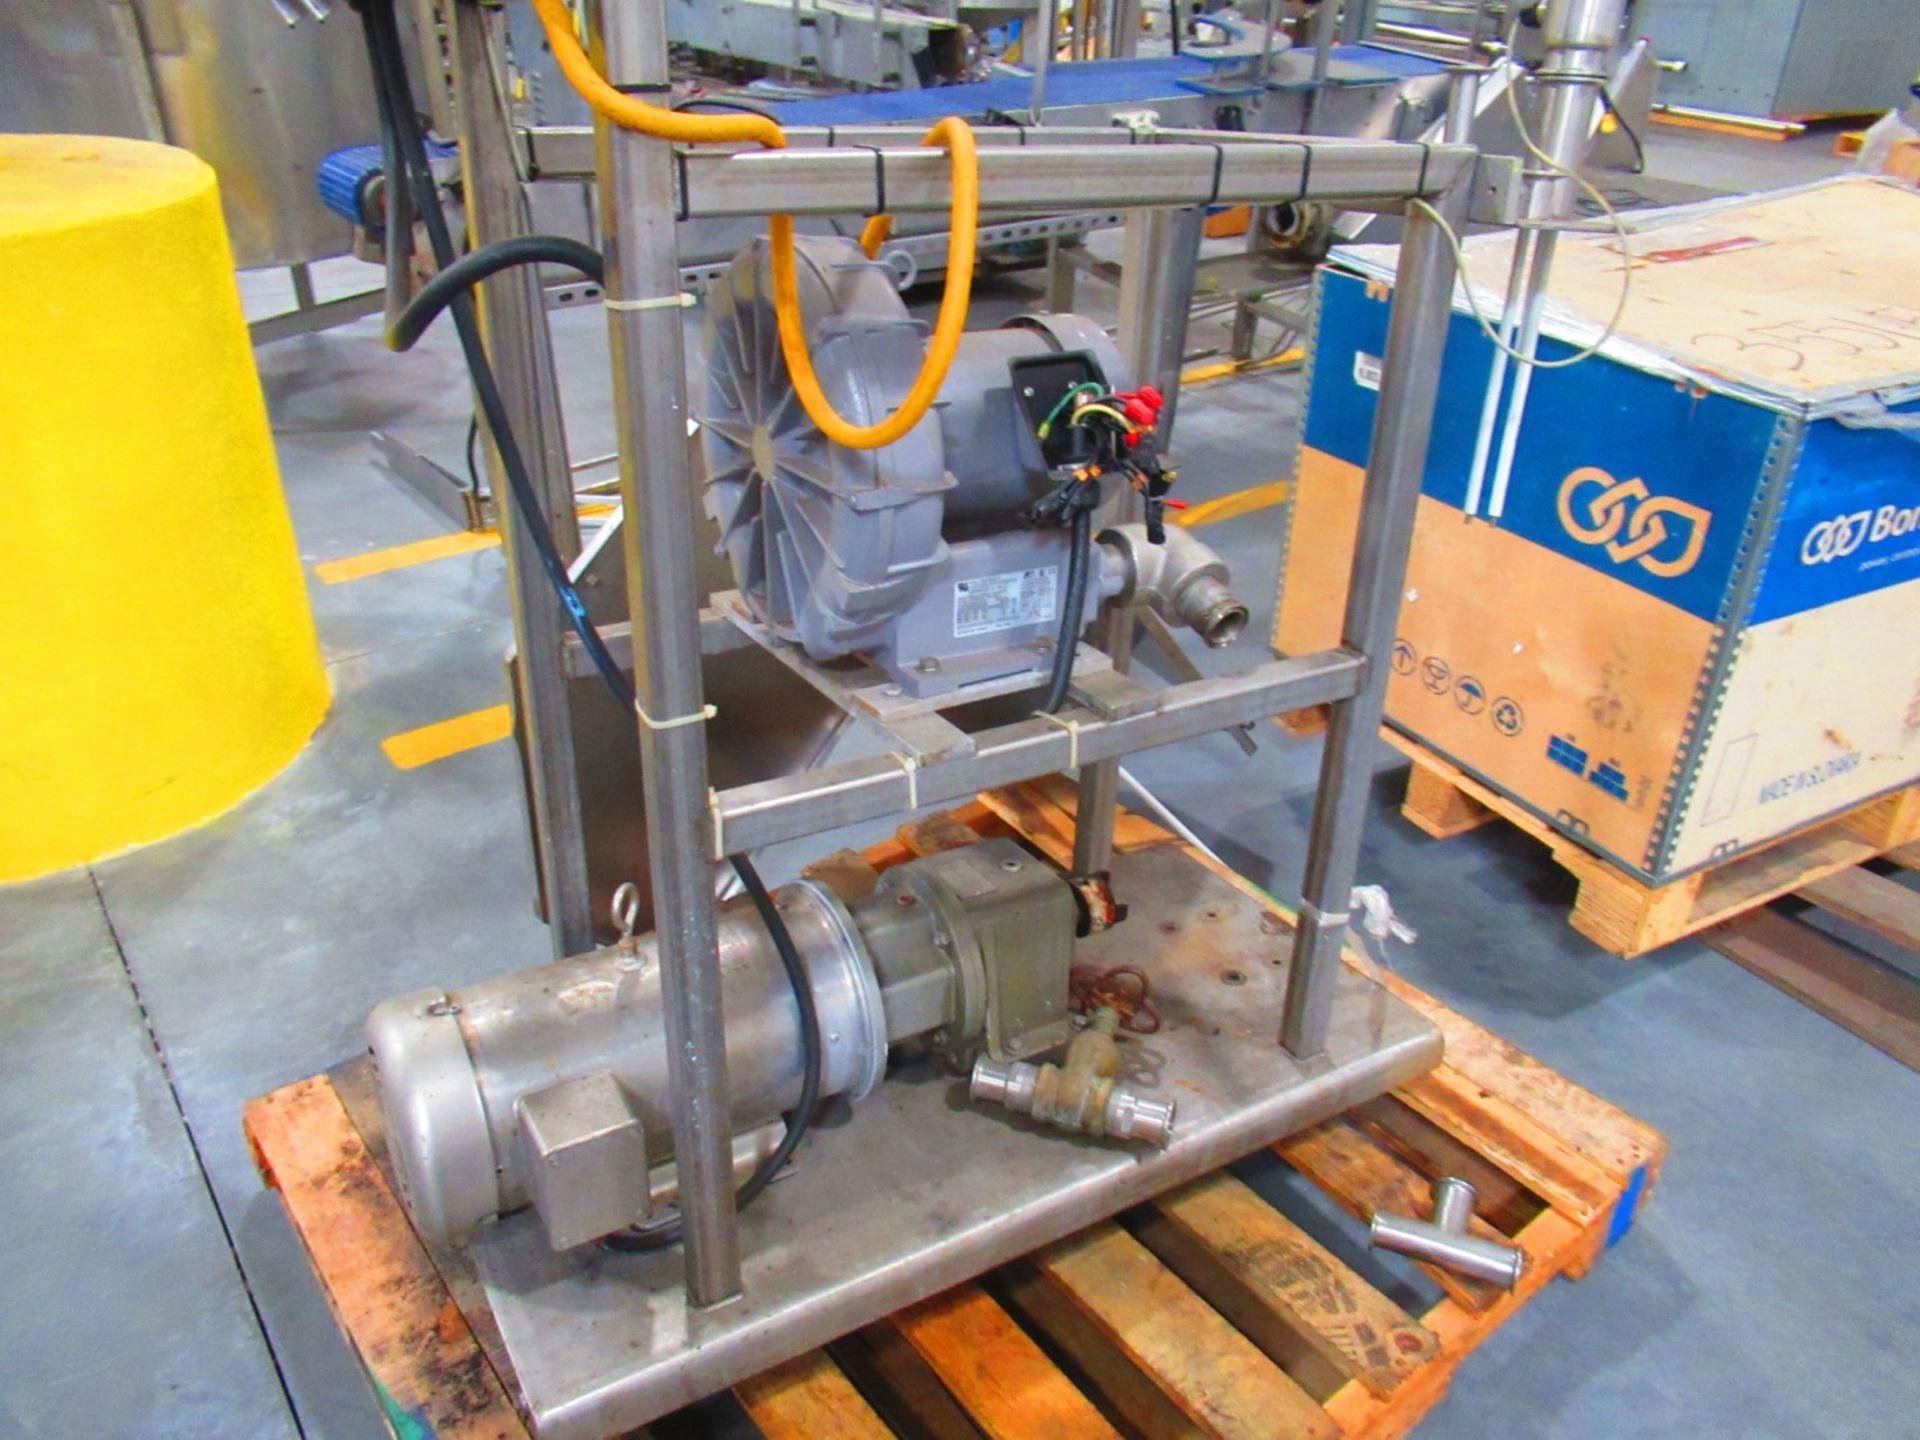 Ring Compressor Skid - Image 2 of 5